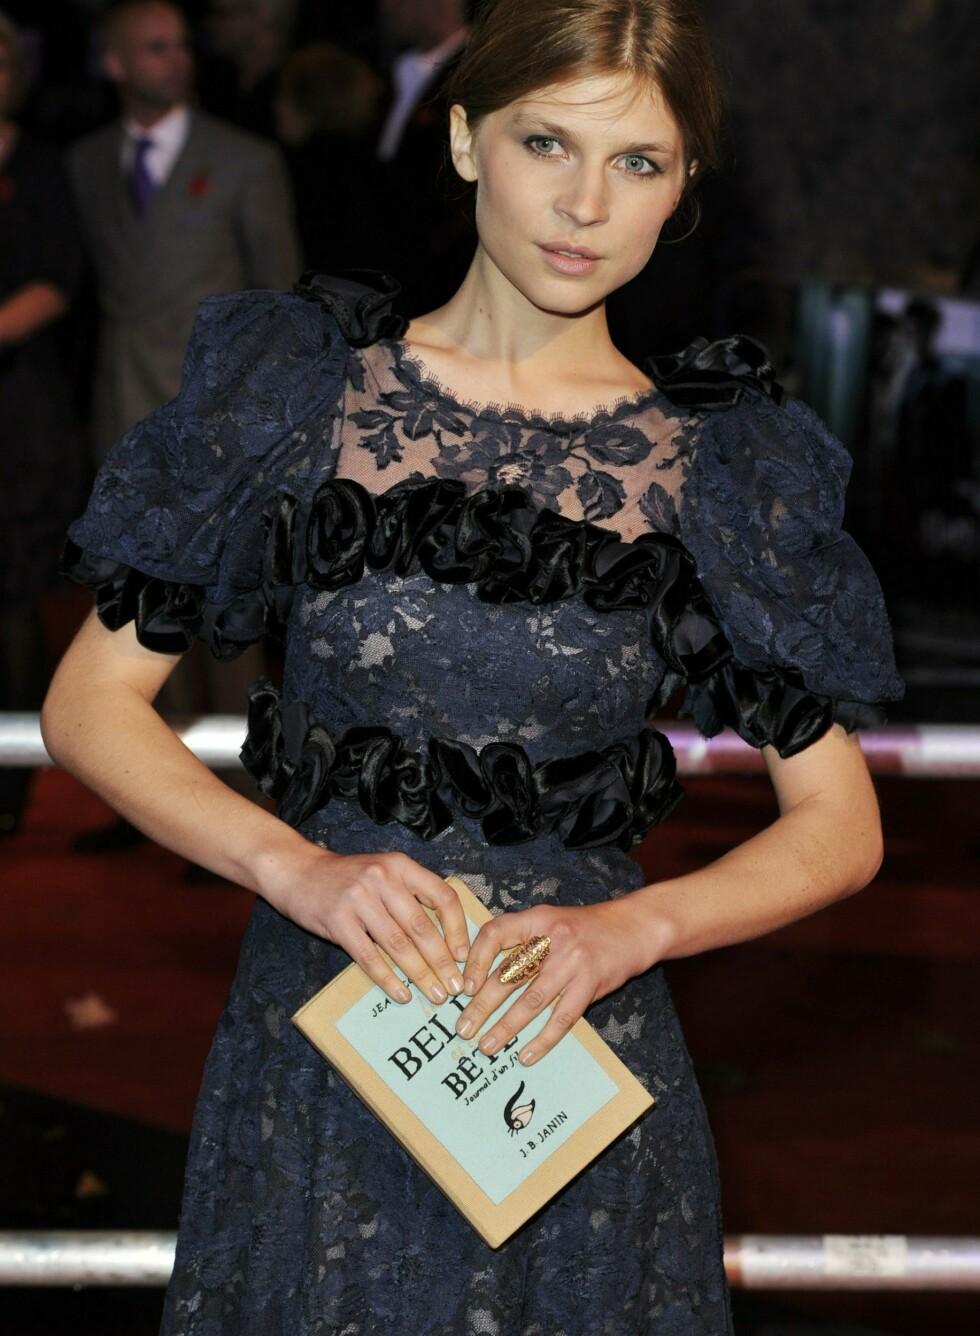 Franske Clemence Poesy på premierefest med sin søte clutch. Foto: All Over Press